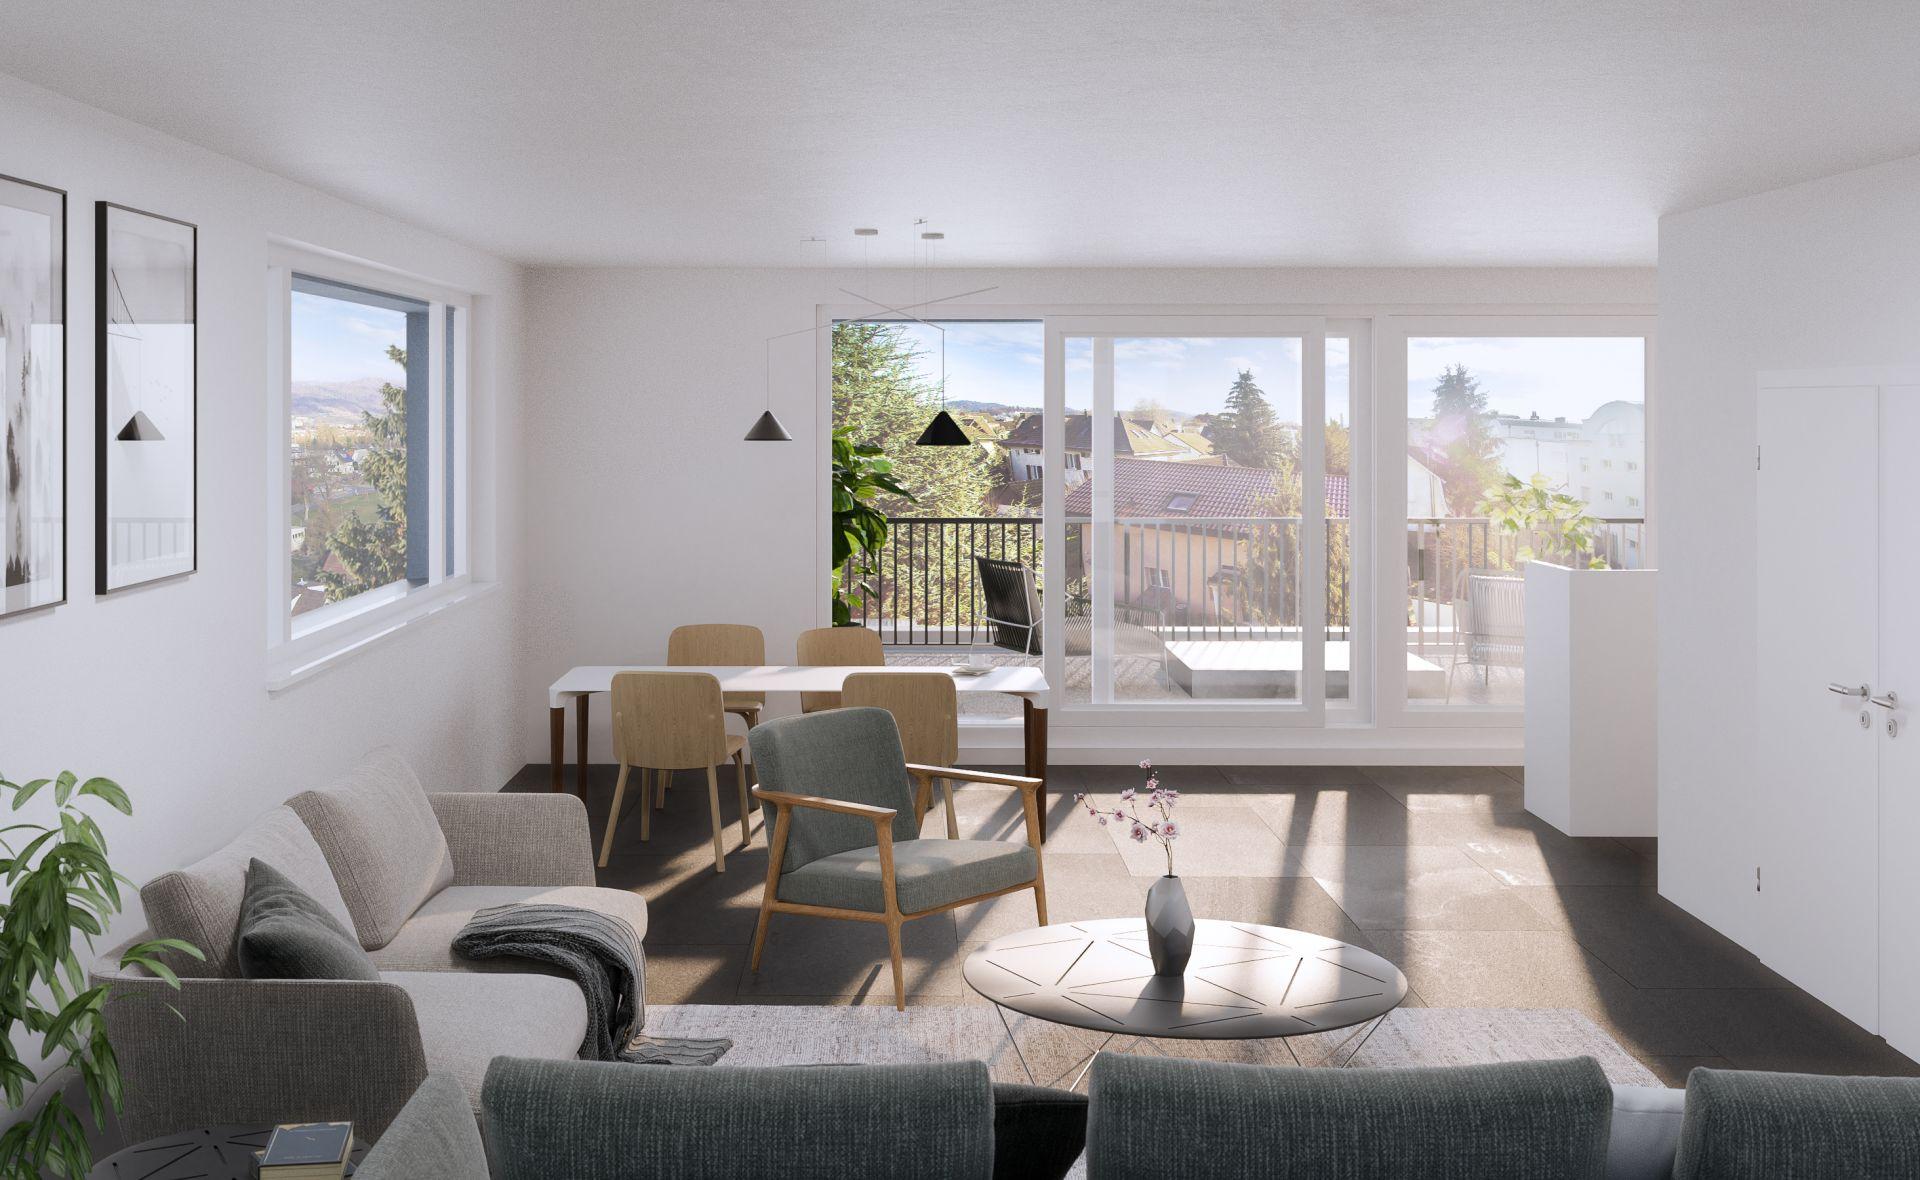 Wohnung mit Blick auf die Terrasse